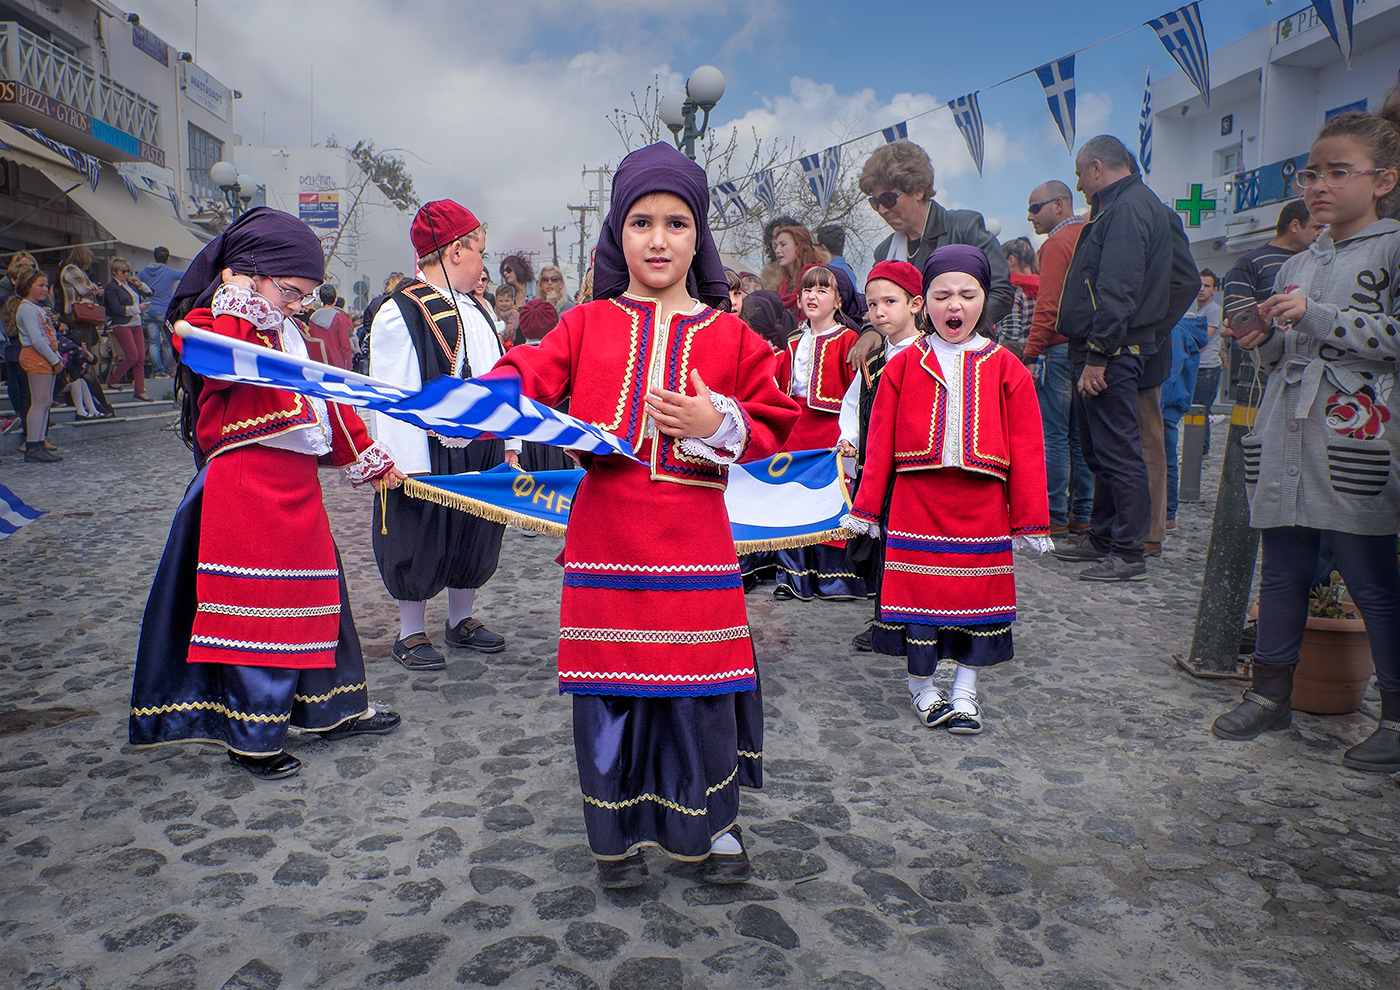 Greek Independance Day Parade Satorini